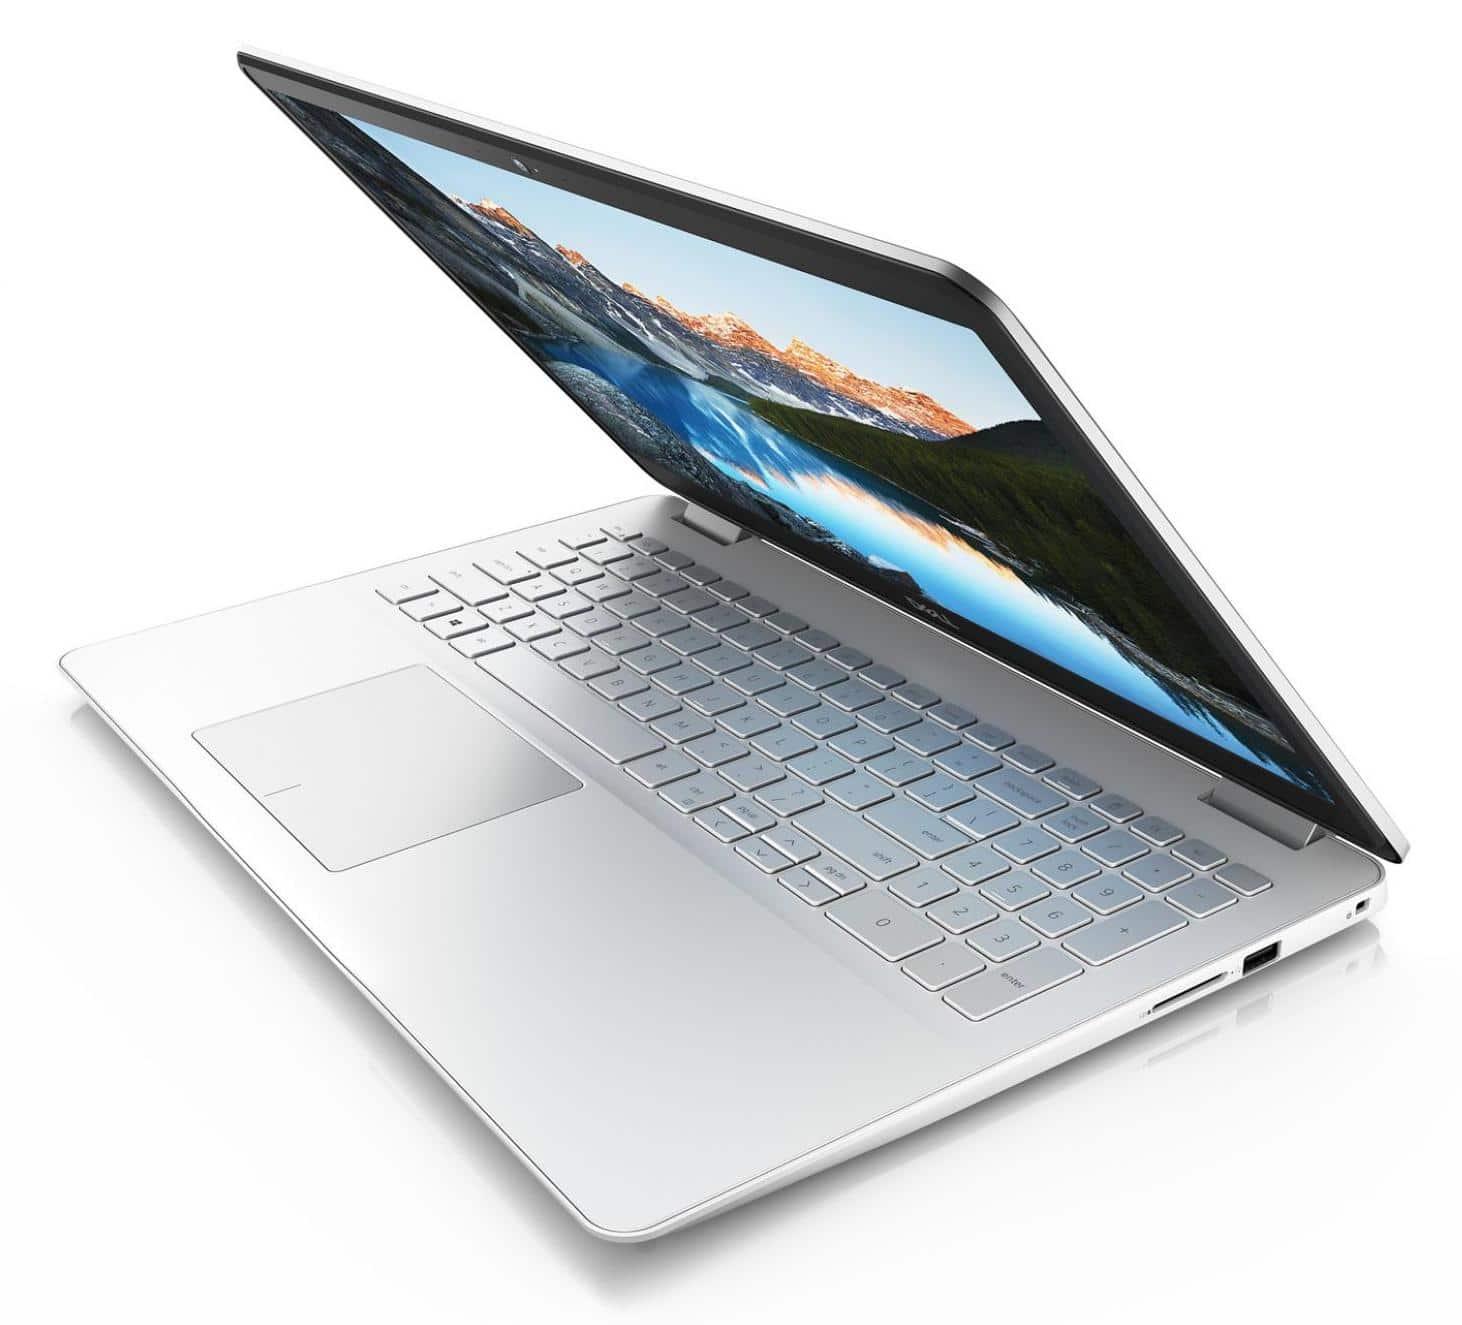 Dell Inspiron 15 5584, PC portable 15 pouces productif (799€)